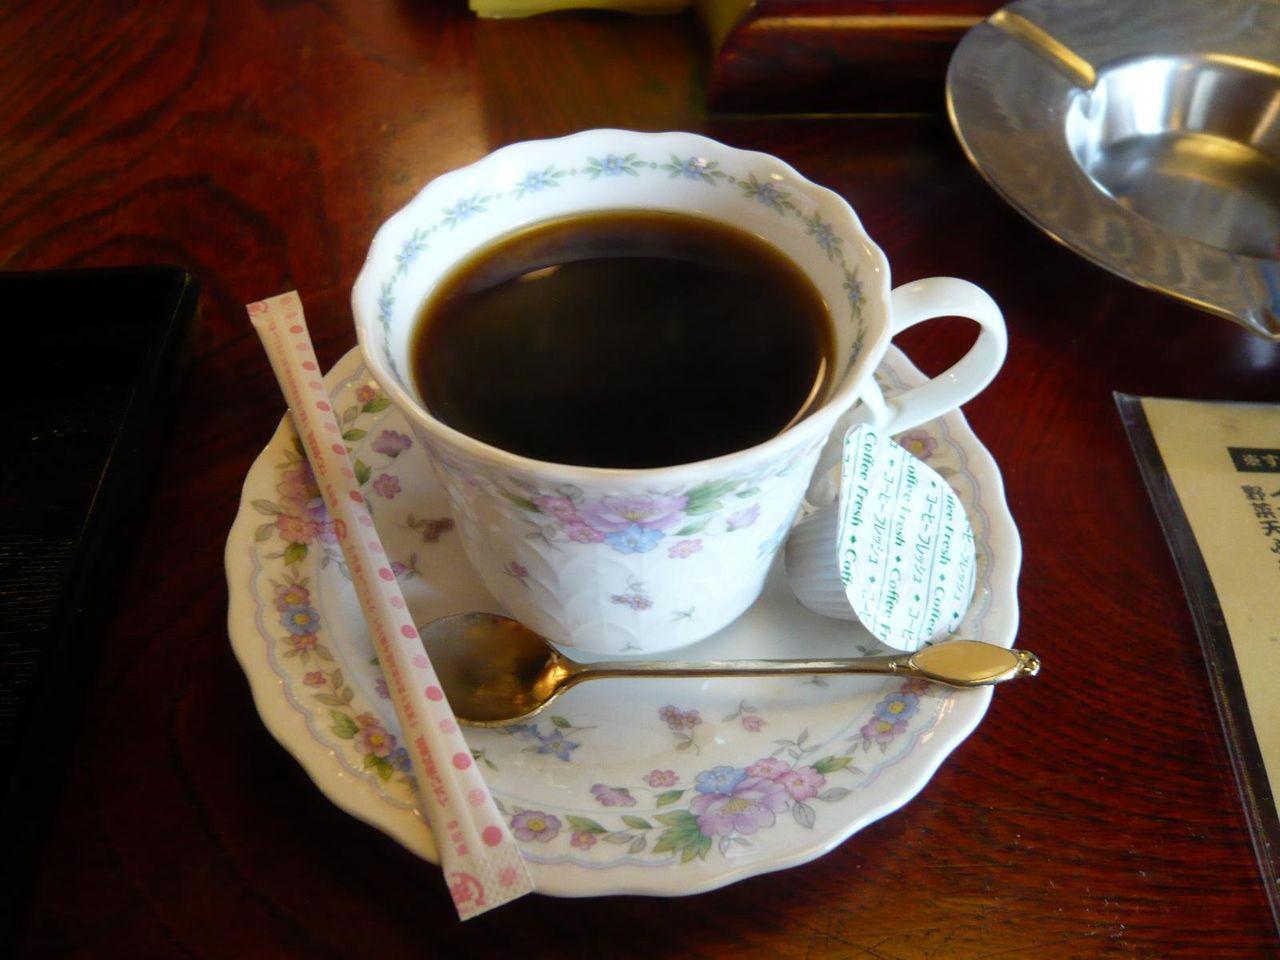 ランチ肉汁荒川めん600円は、コーヒーがサービス!